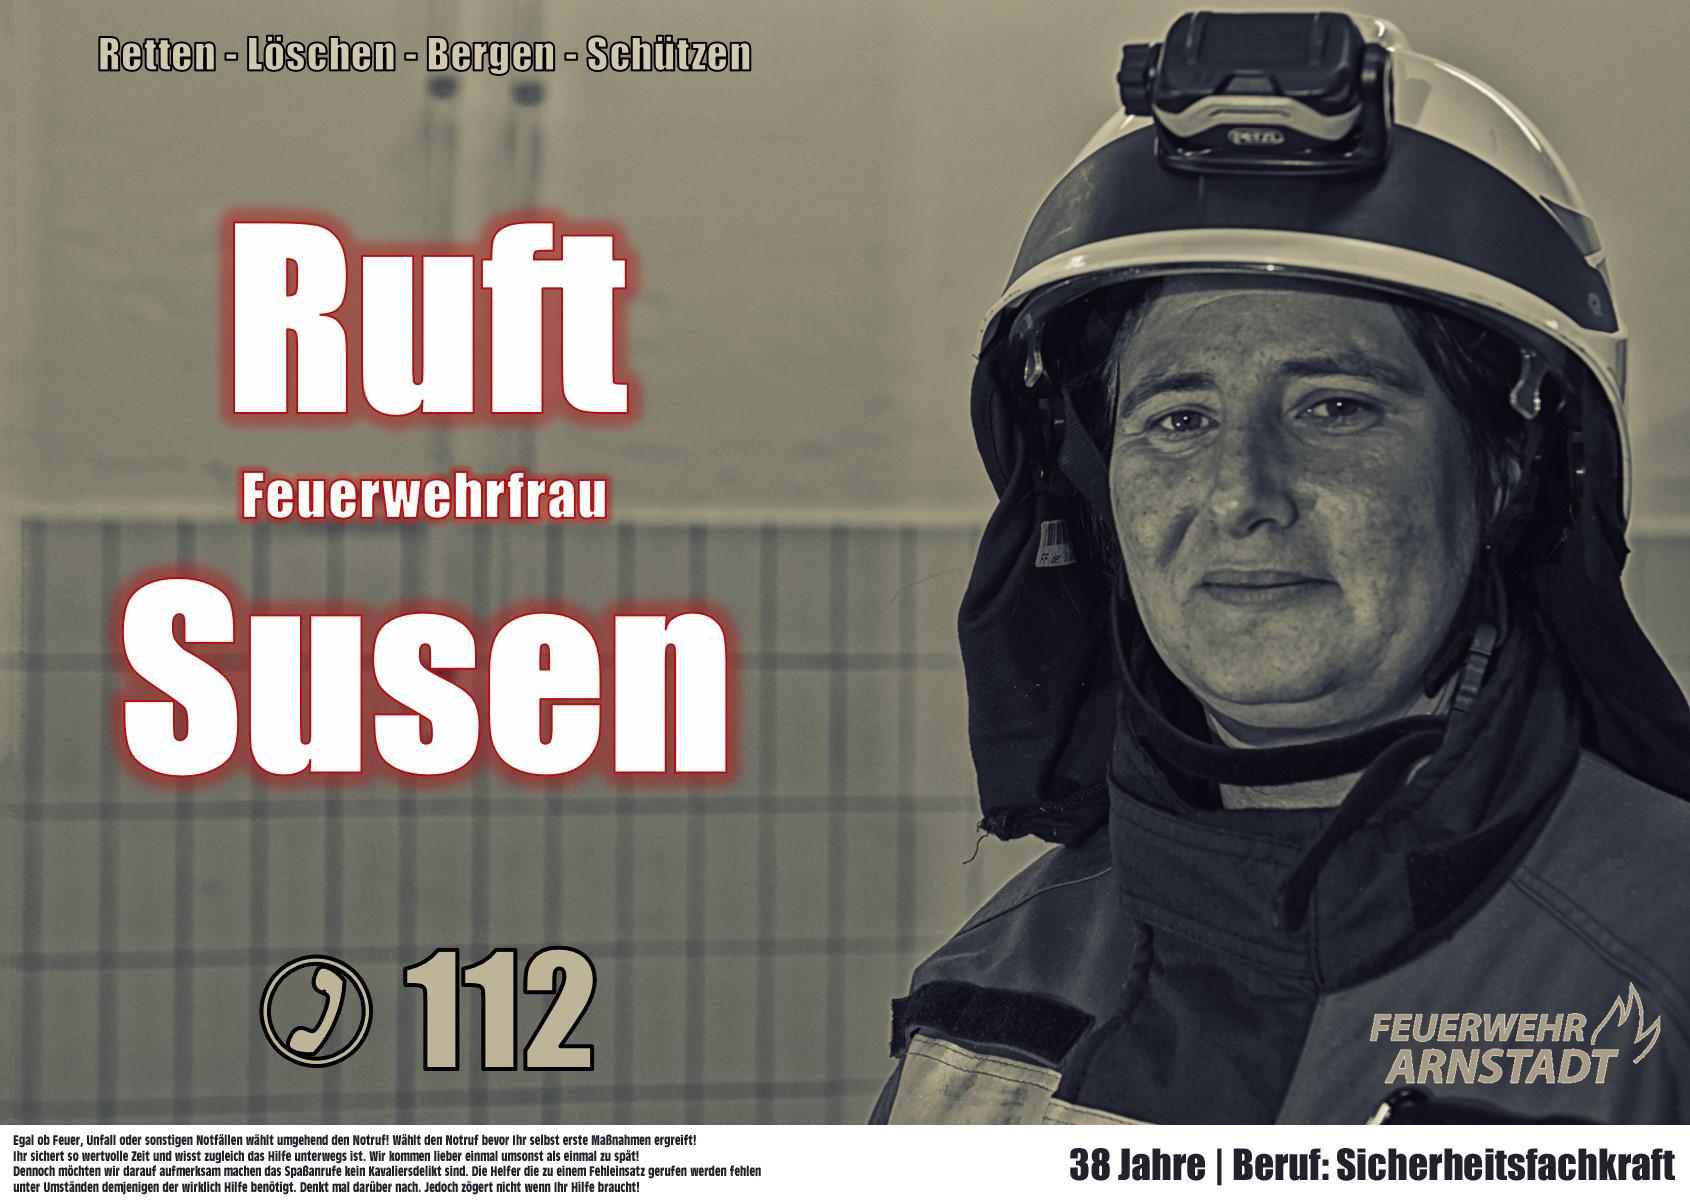 Bild 31_Ruft_Feuerwehrfrau_Susen